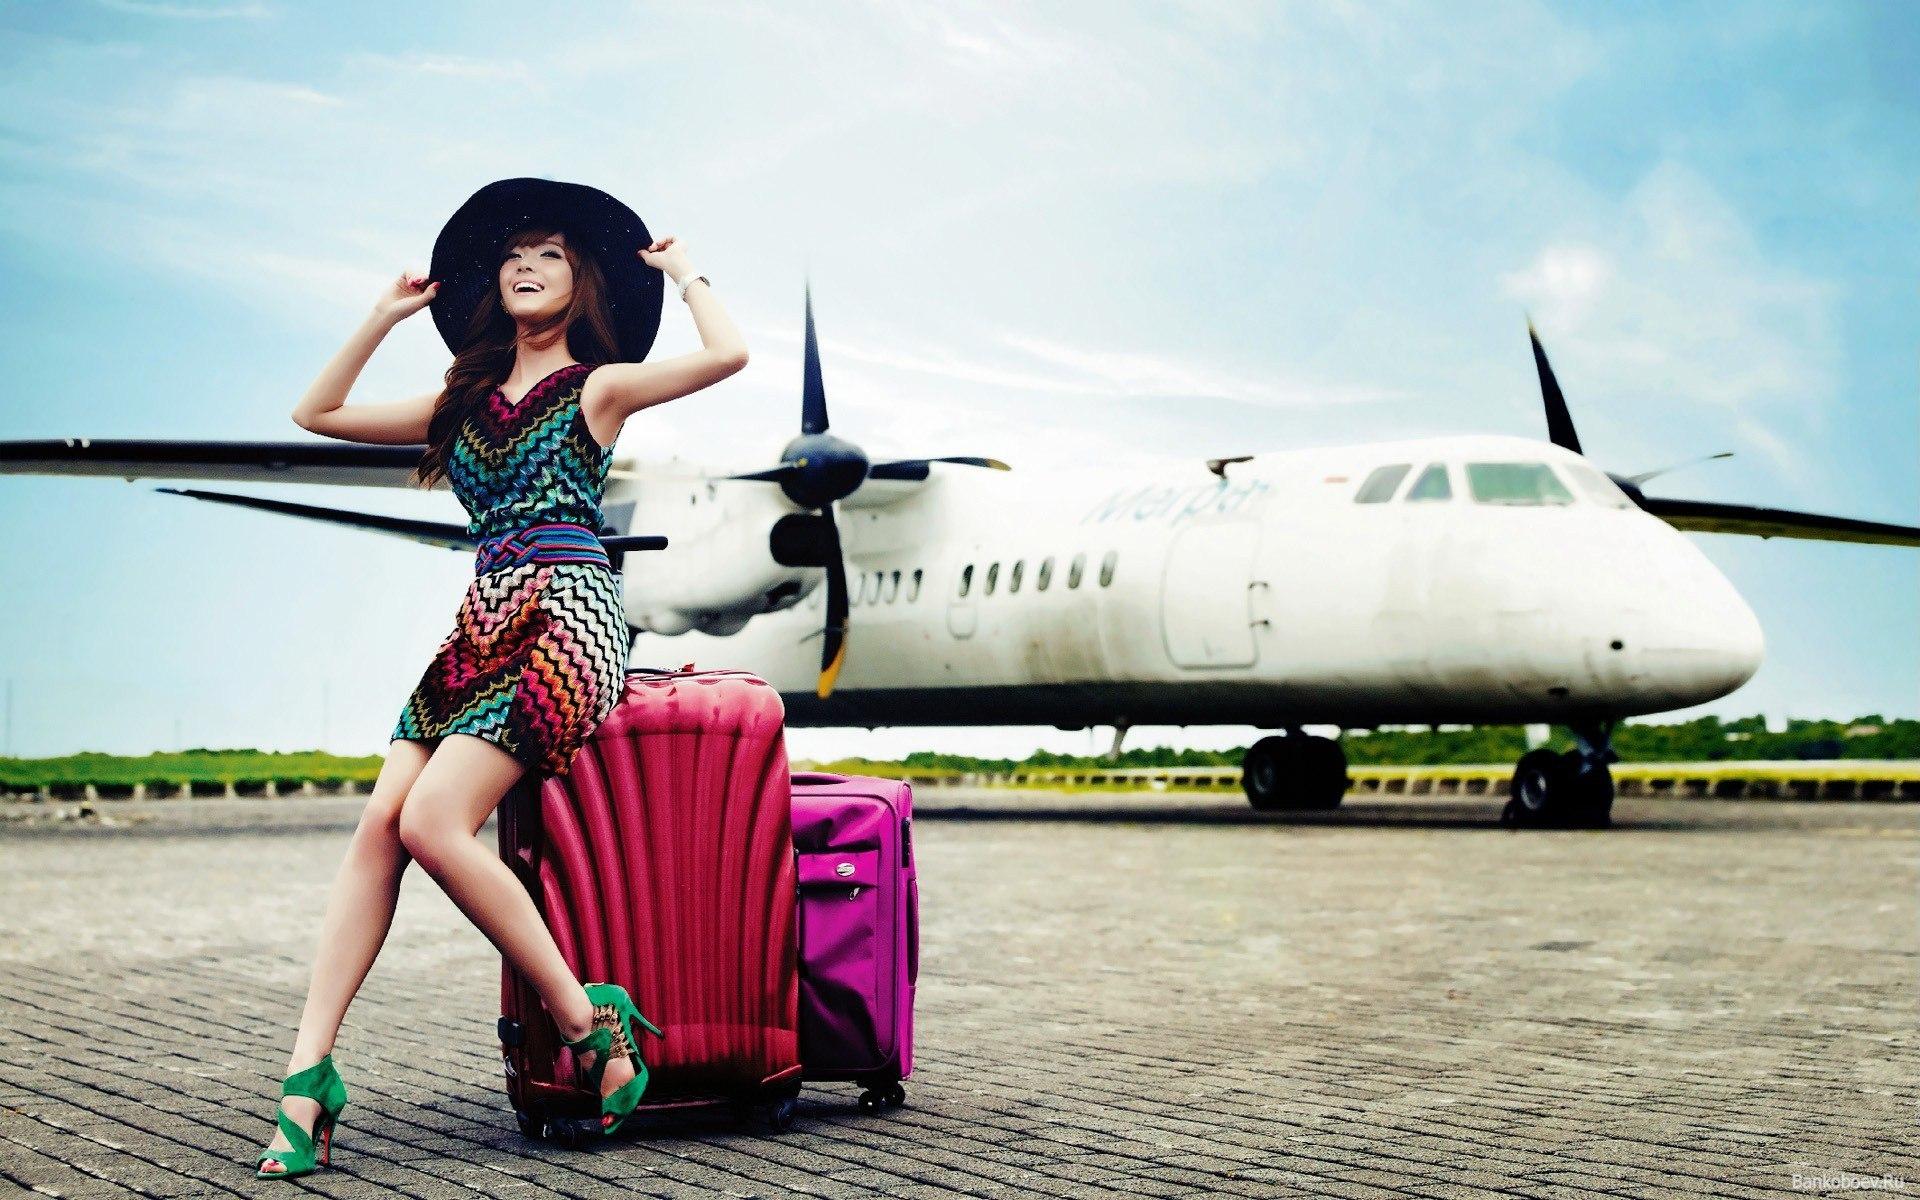 Небо, самолет, девушка: как одеваться в путешествие